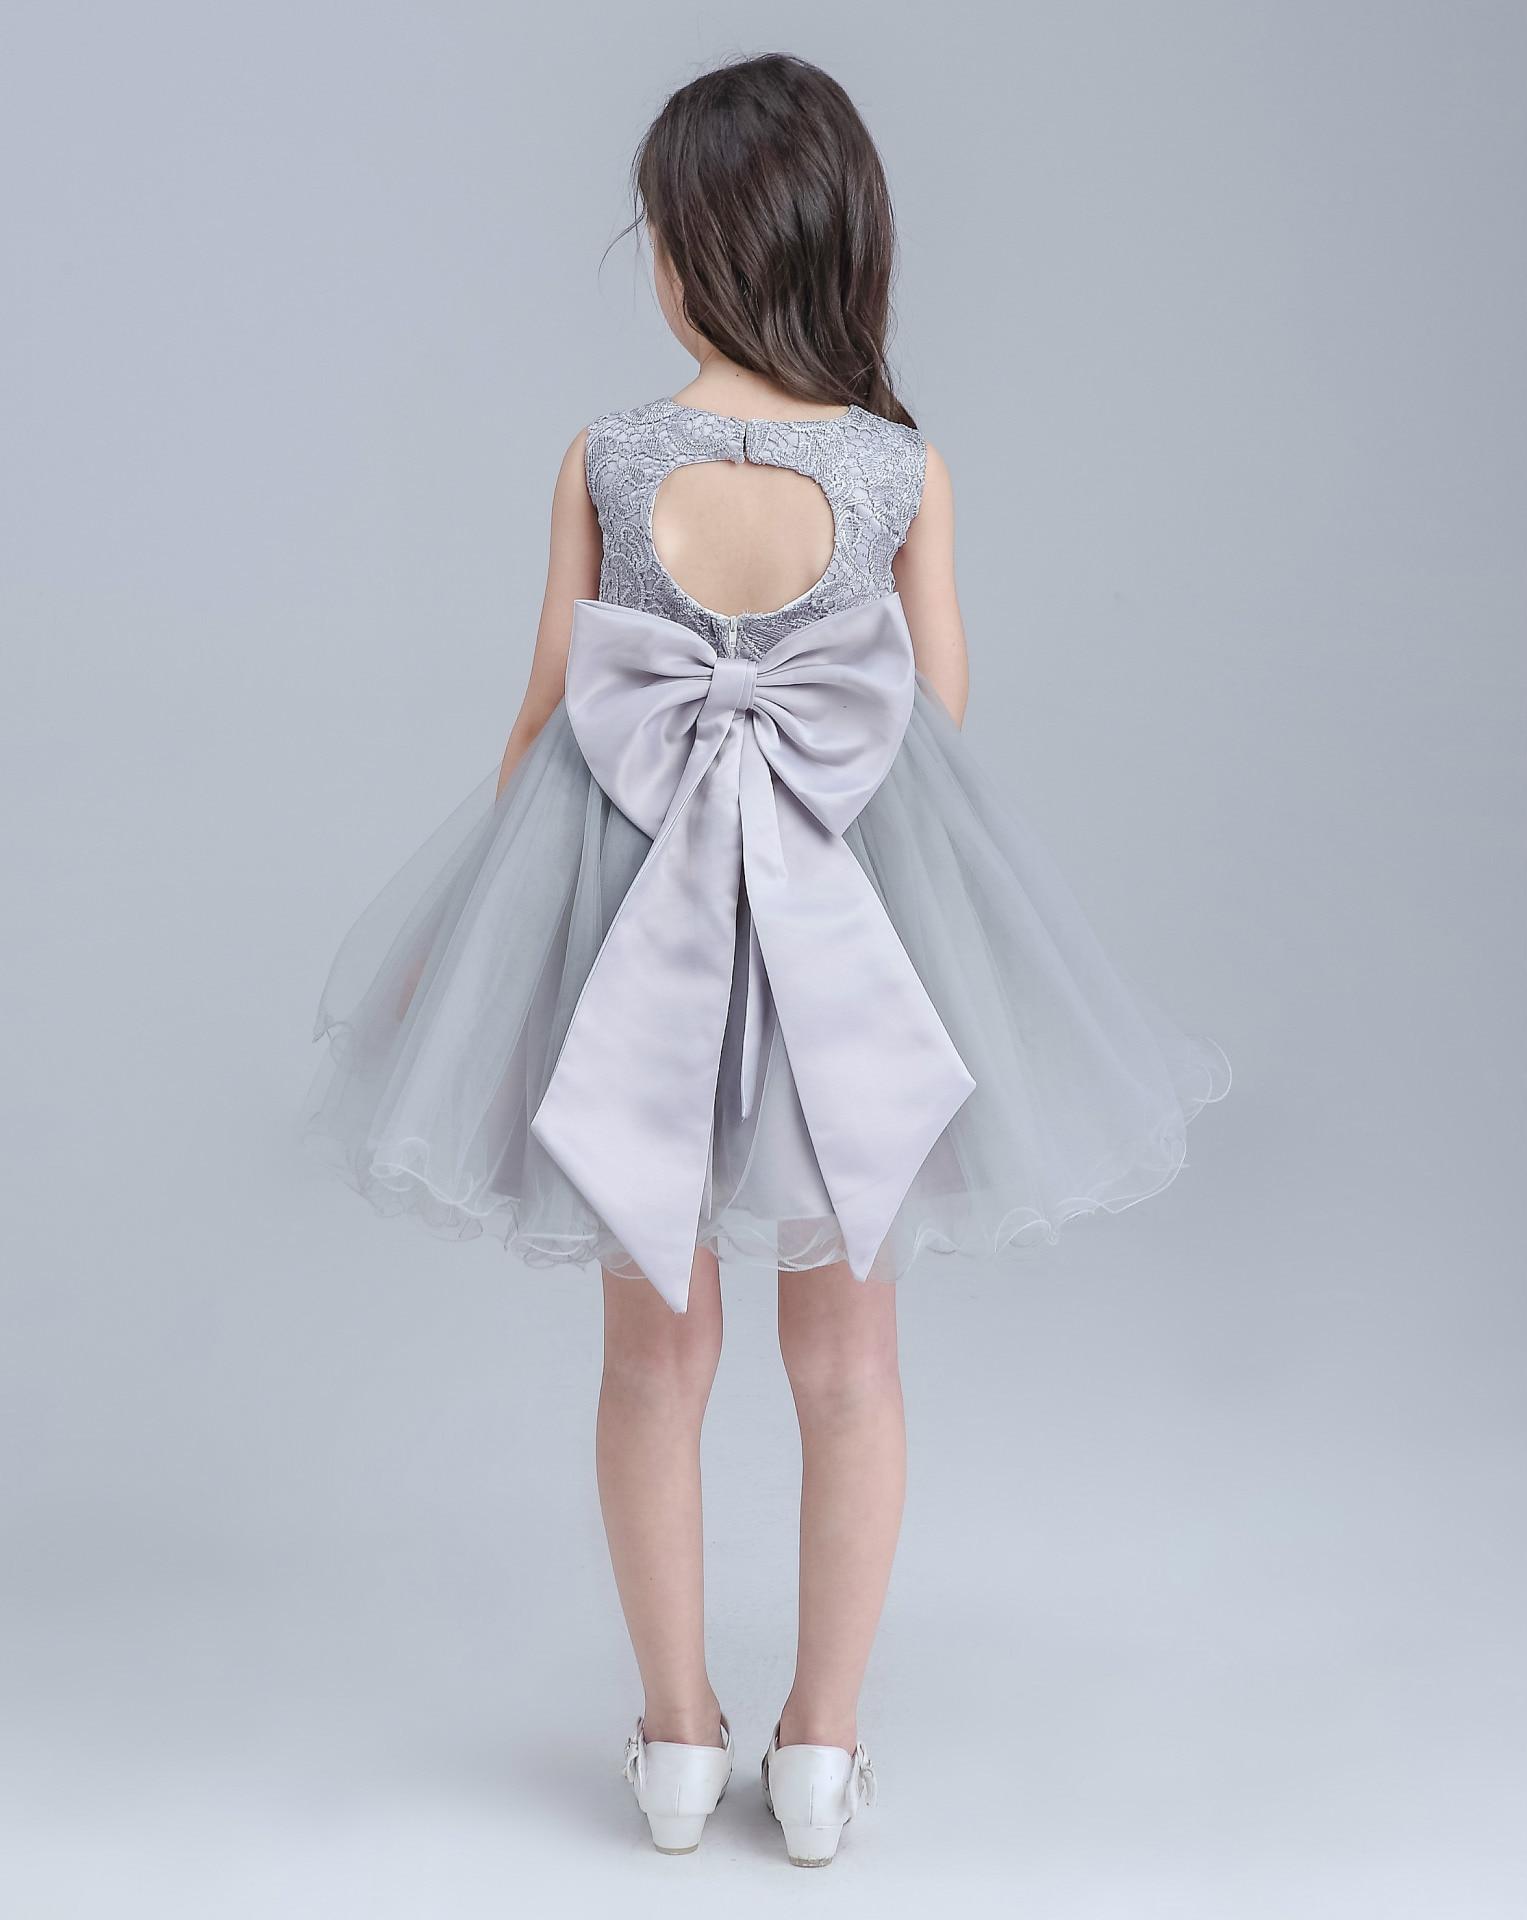 Funky Newborn Wedding Outfits Elaboration - All Wedding Dresses ...